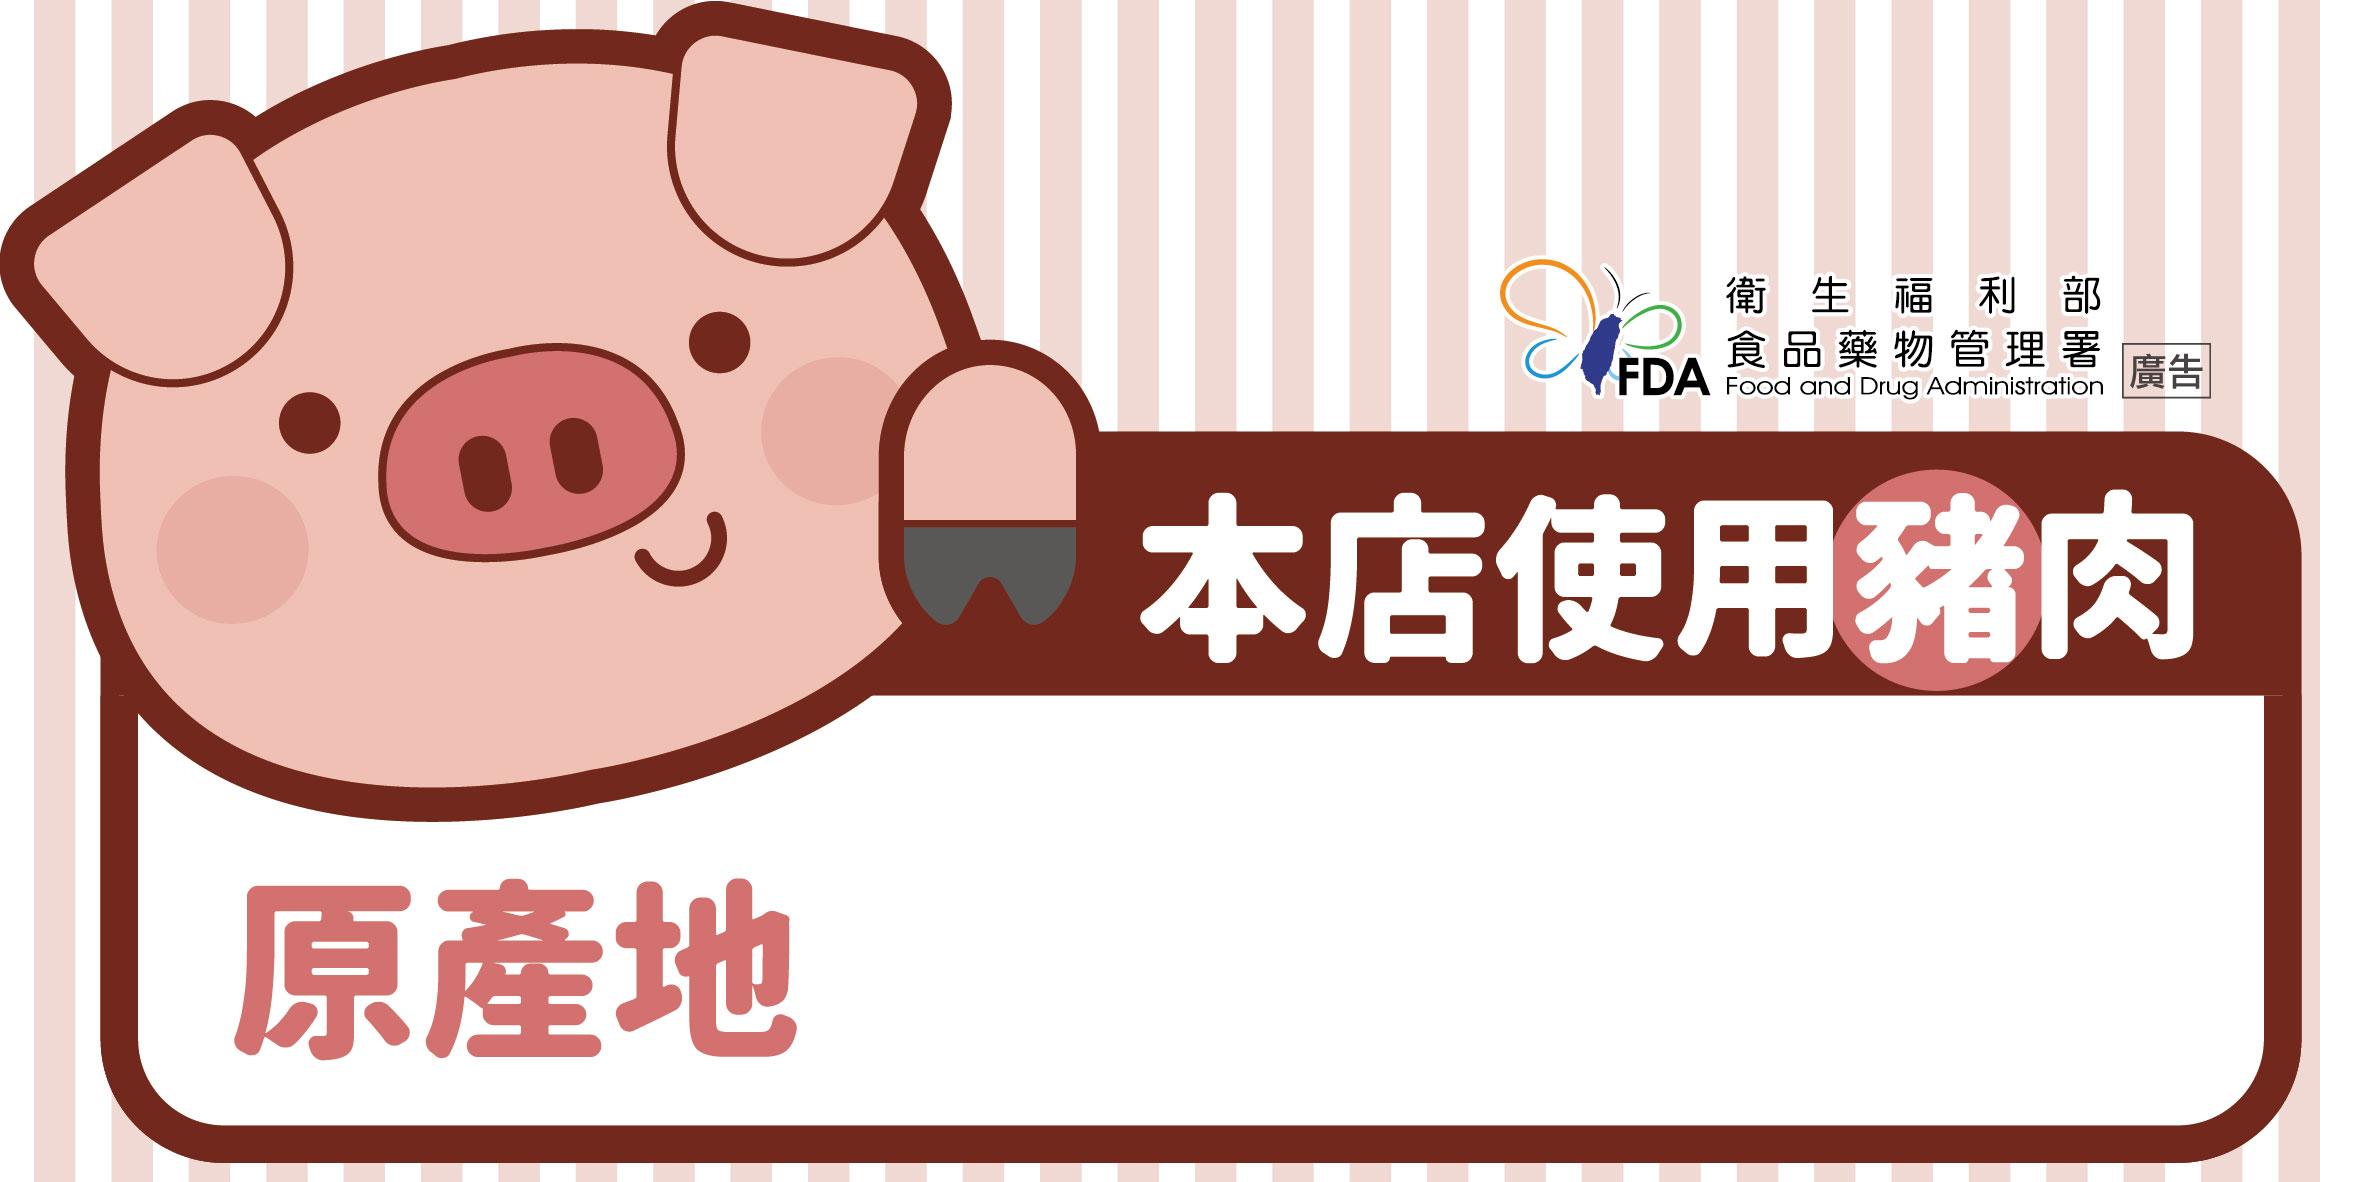 豬肉原料原產地標示規定宣導-標籤1